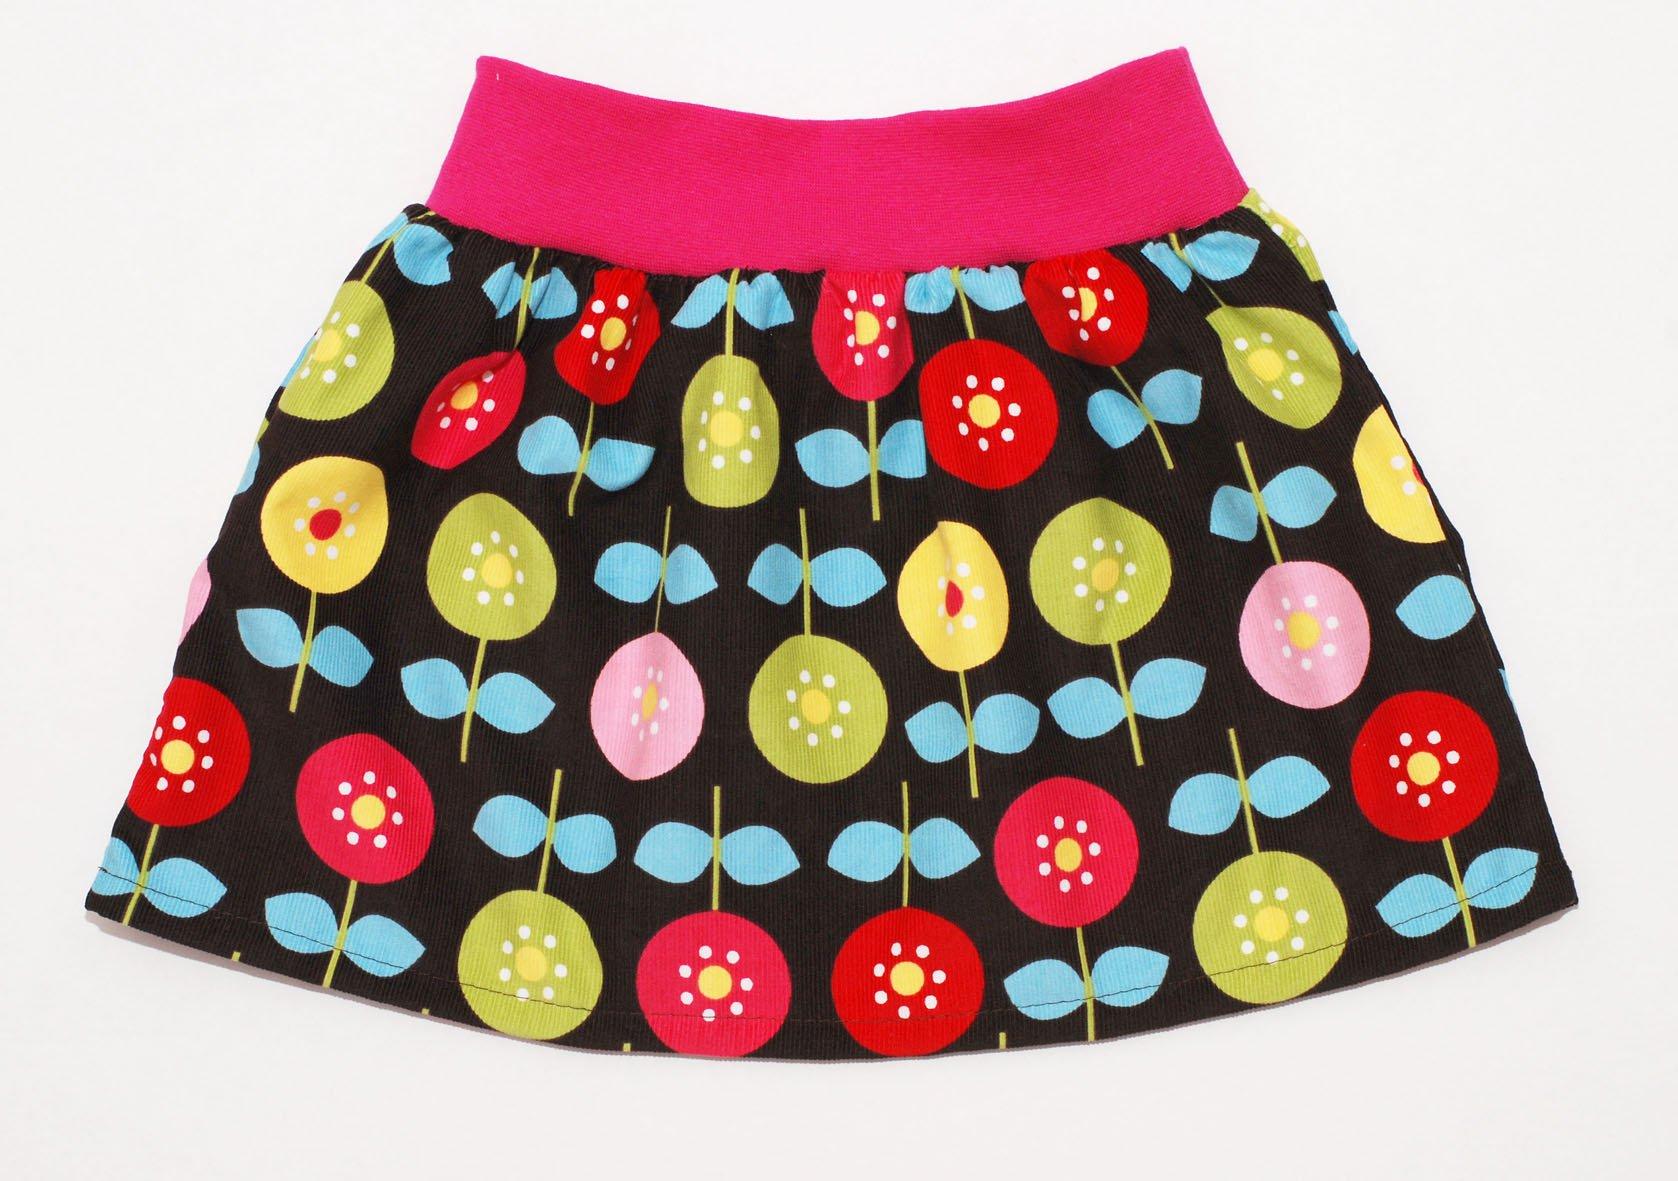 Nähanleitung Mädchenrock mit Sommerblumen